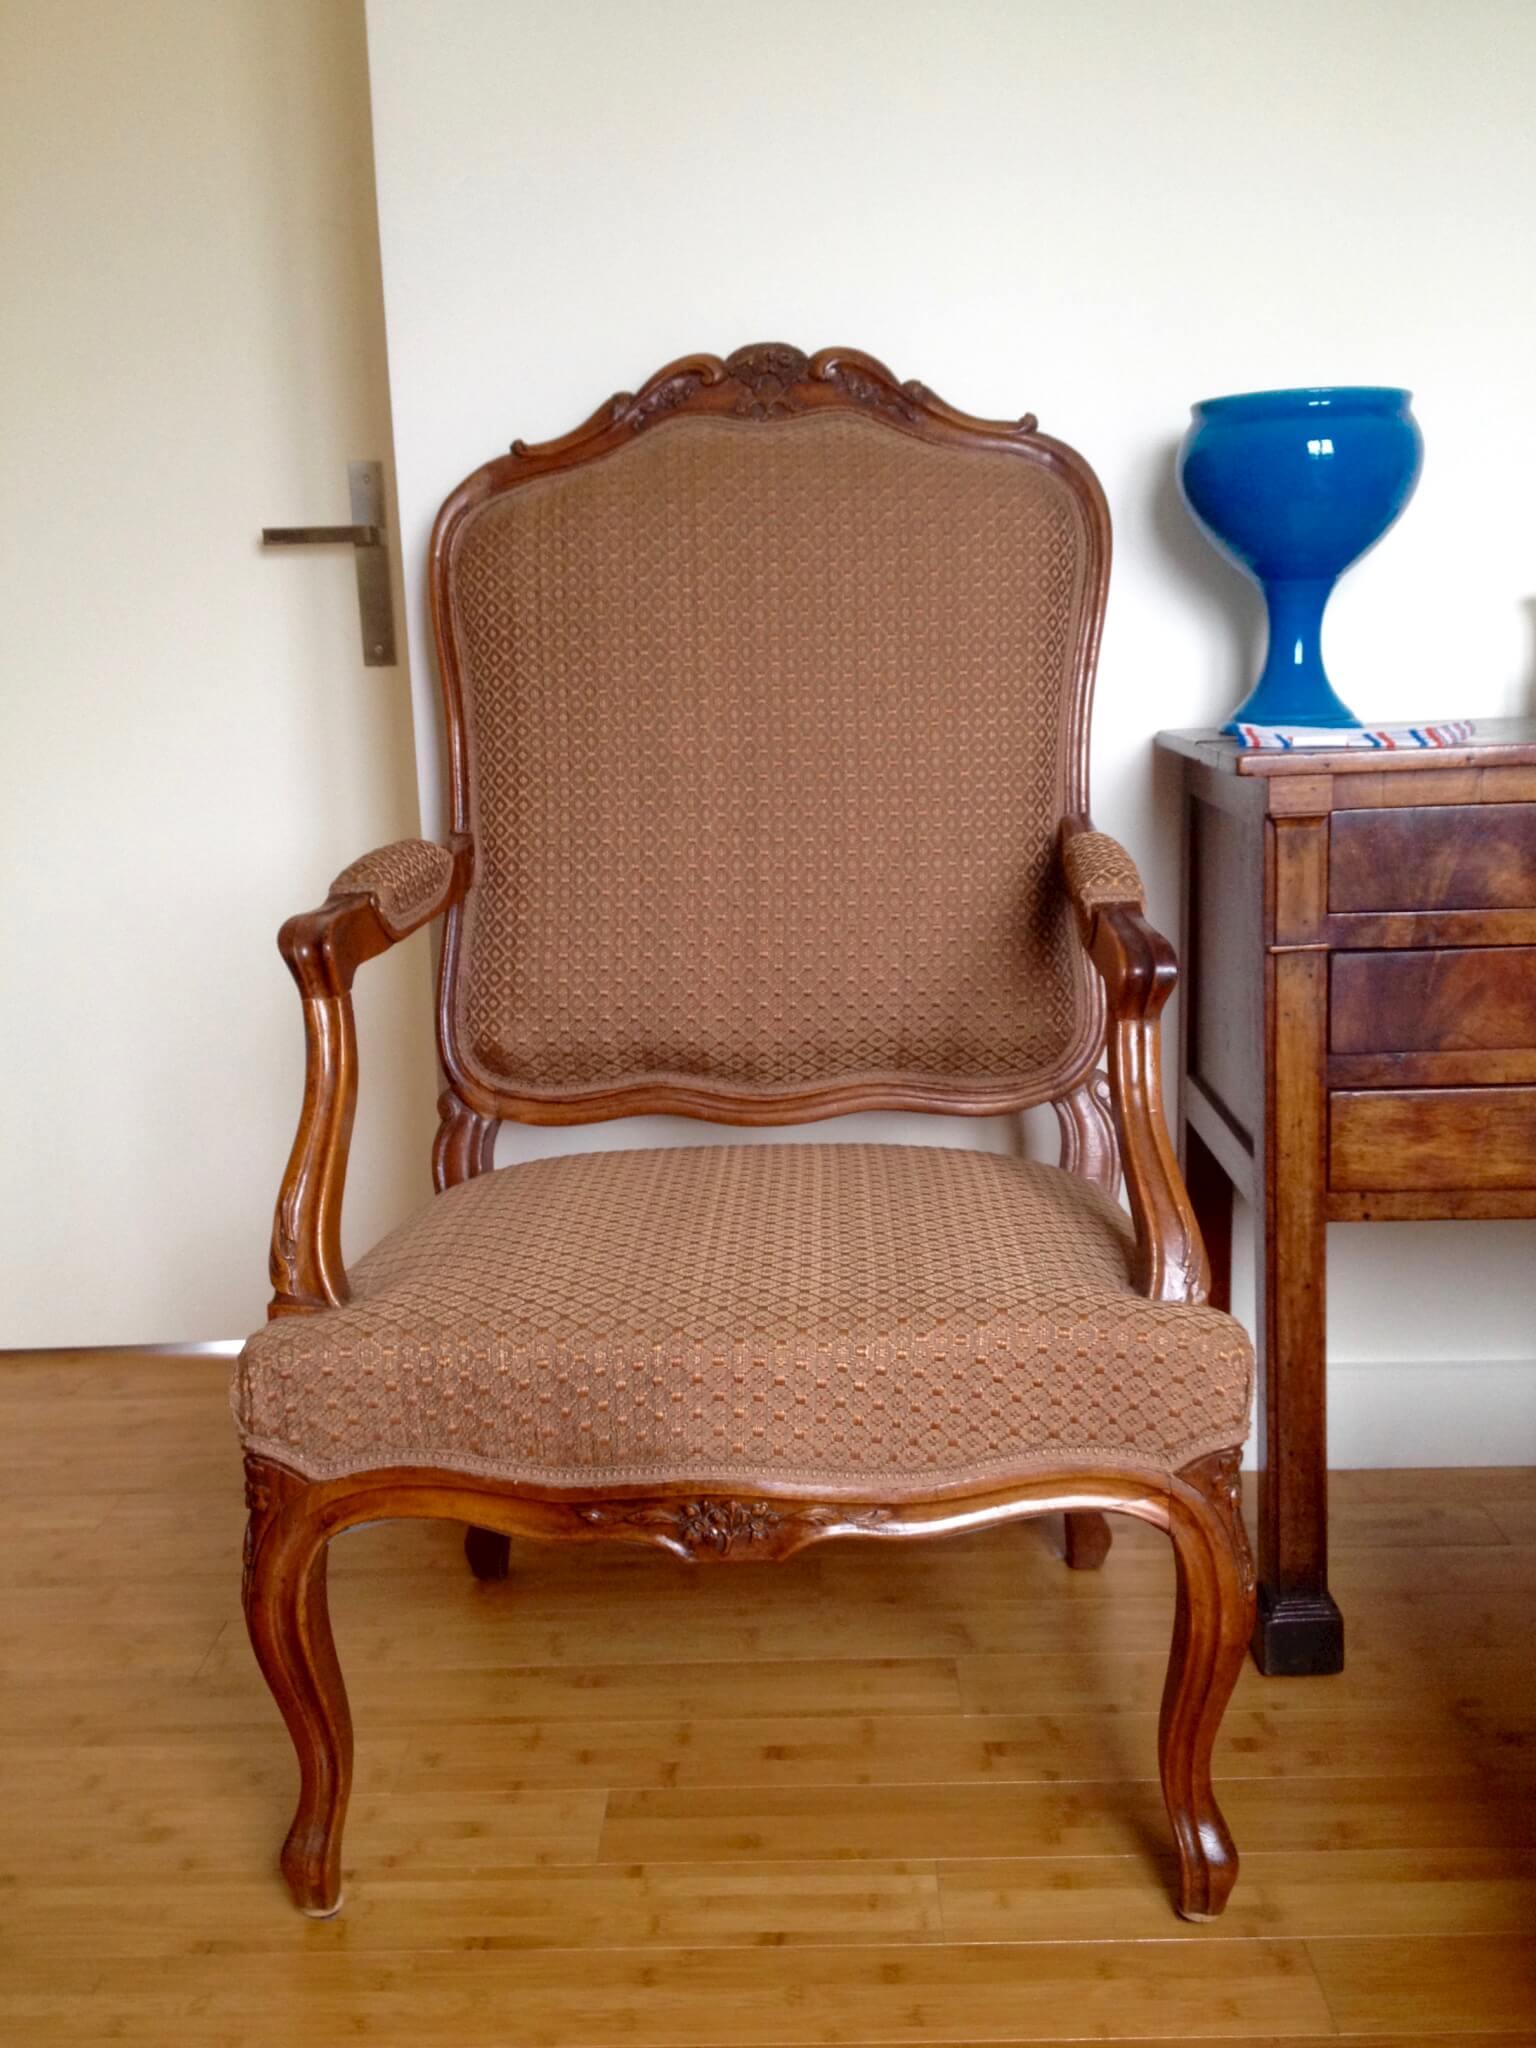 best refaire fauteuils louis xv paris tissu crations mtaphores le crin with refaire un fauteuil. Black Bedroom Furniture Sets. Home Design Ideas